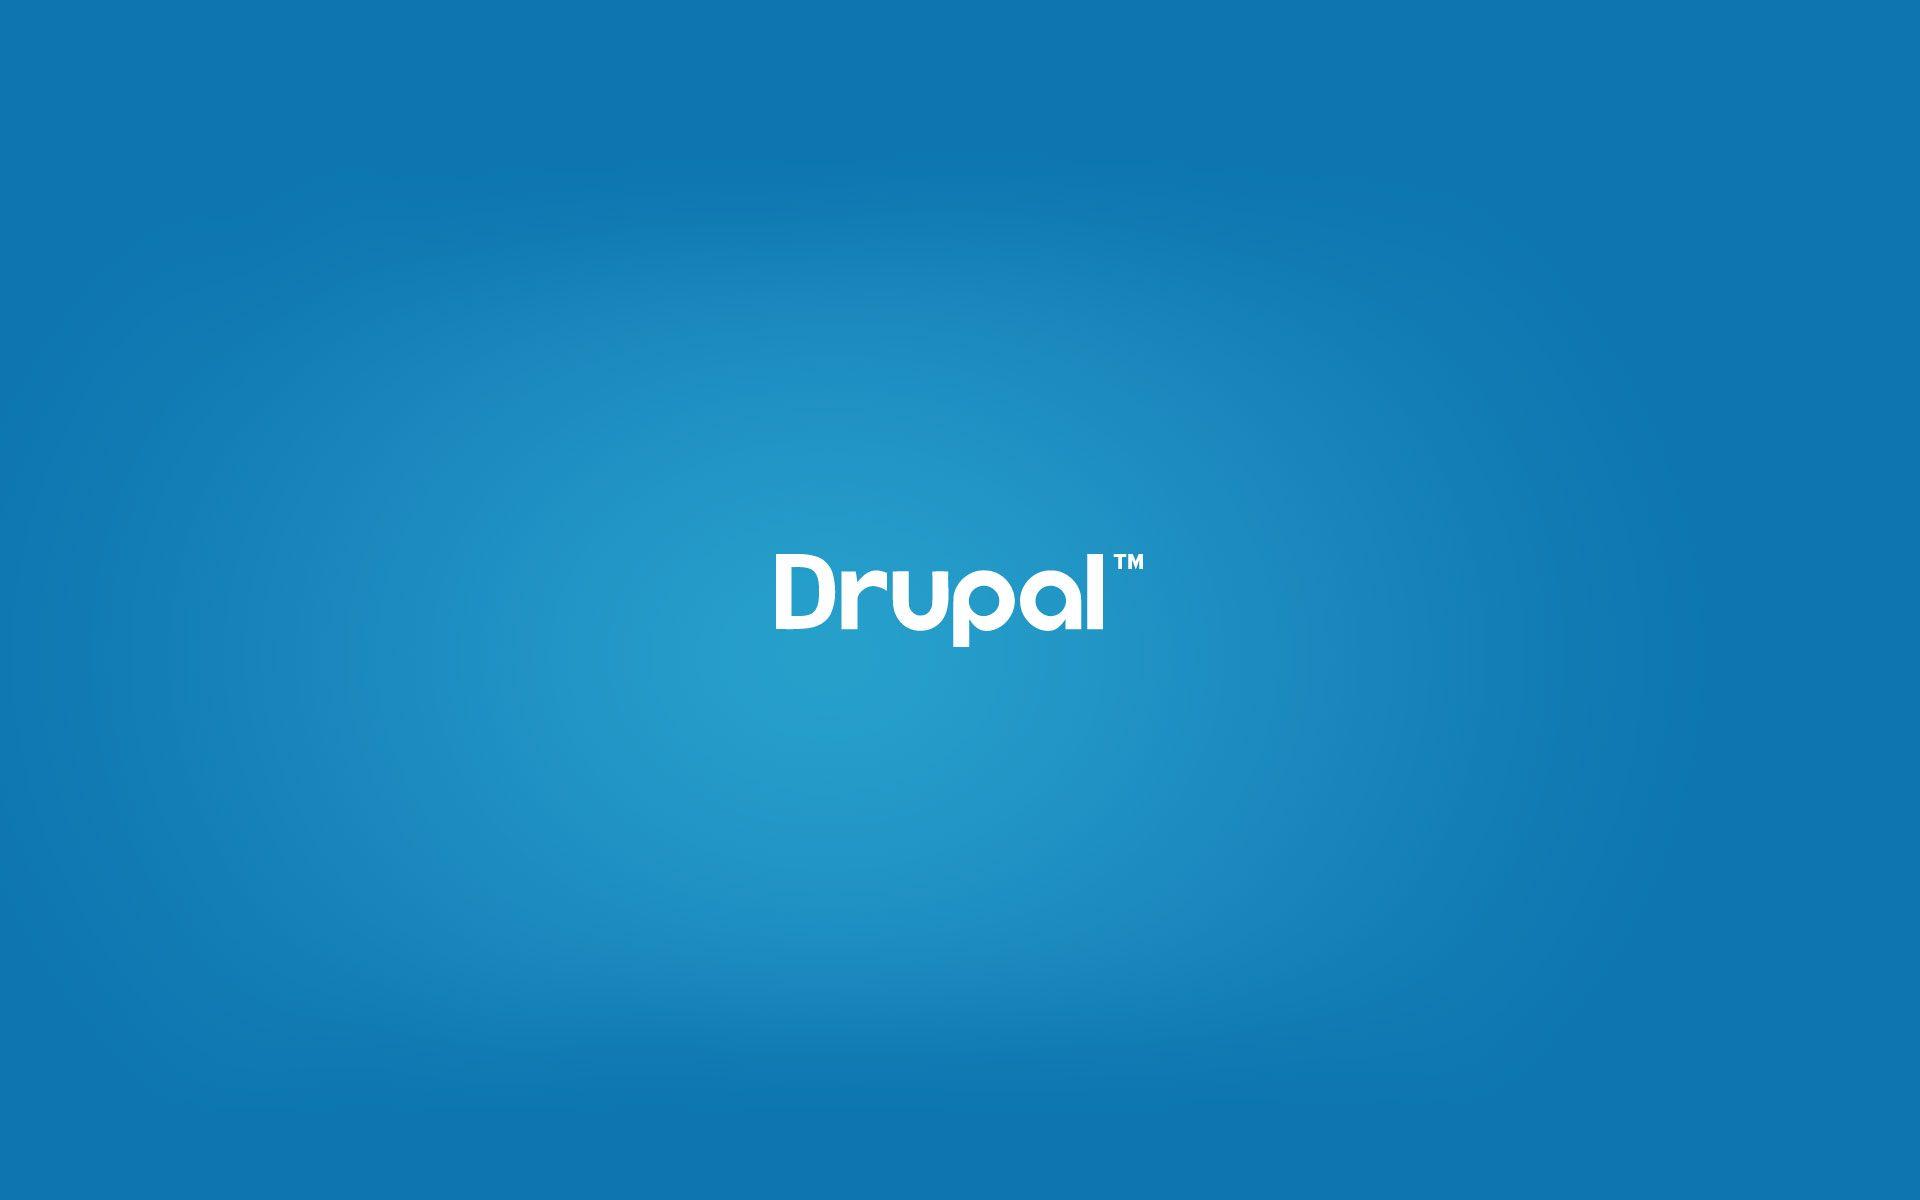 Drupal ve Avantajları